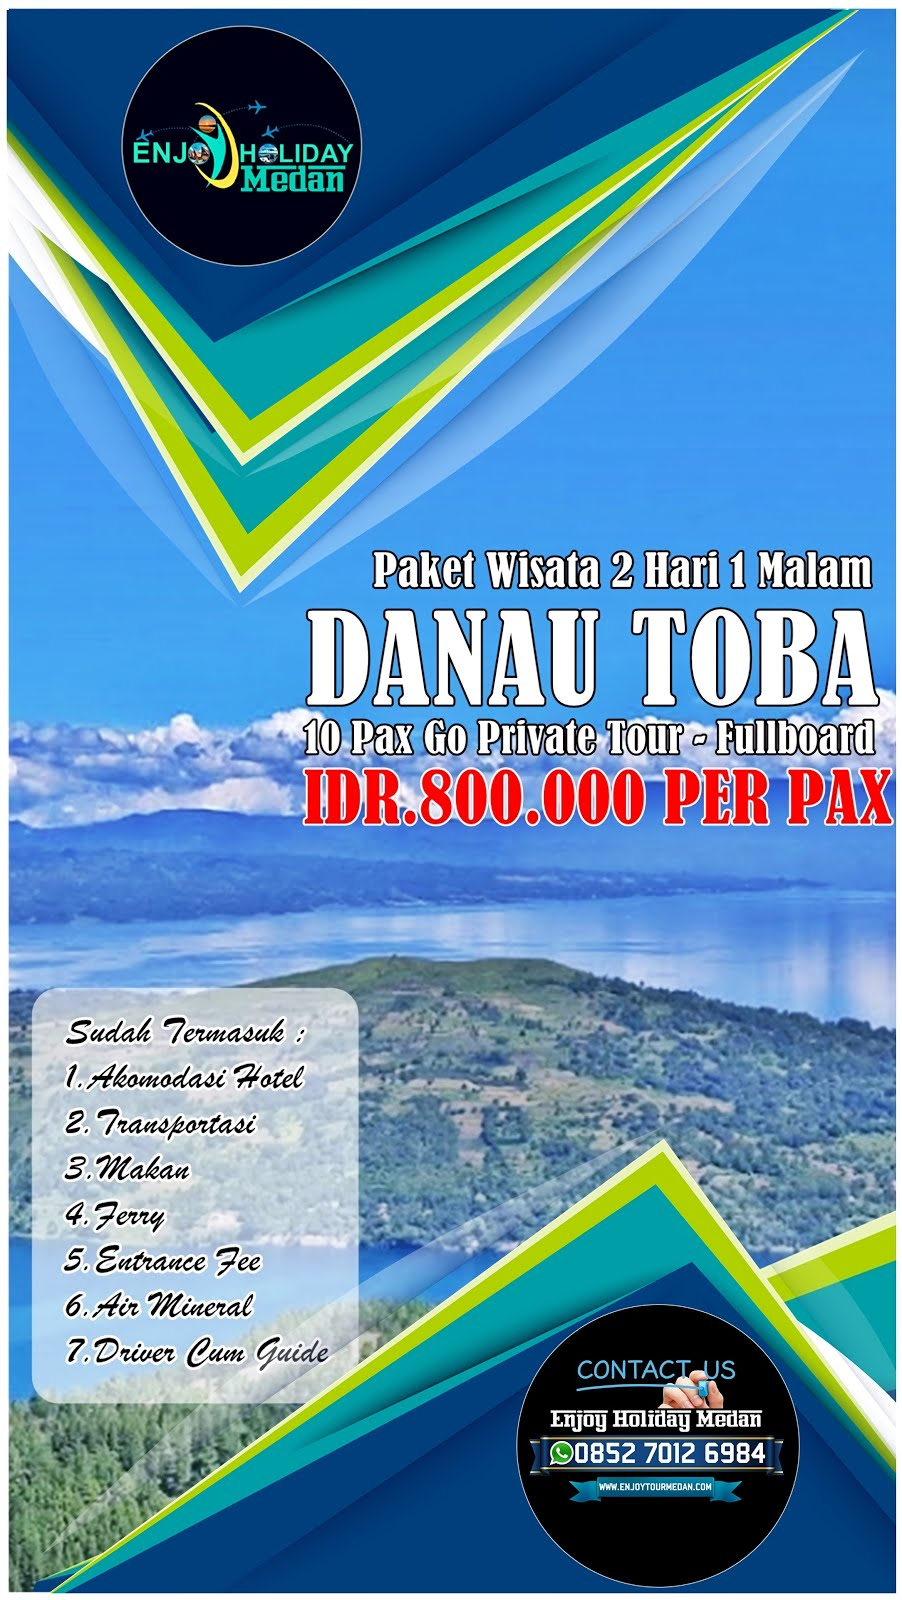 Paket Wisata Danau Toba Terlengkap Harga Murah